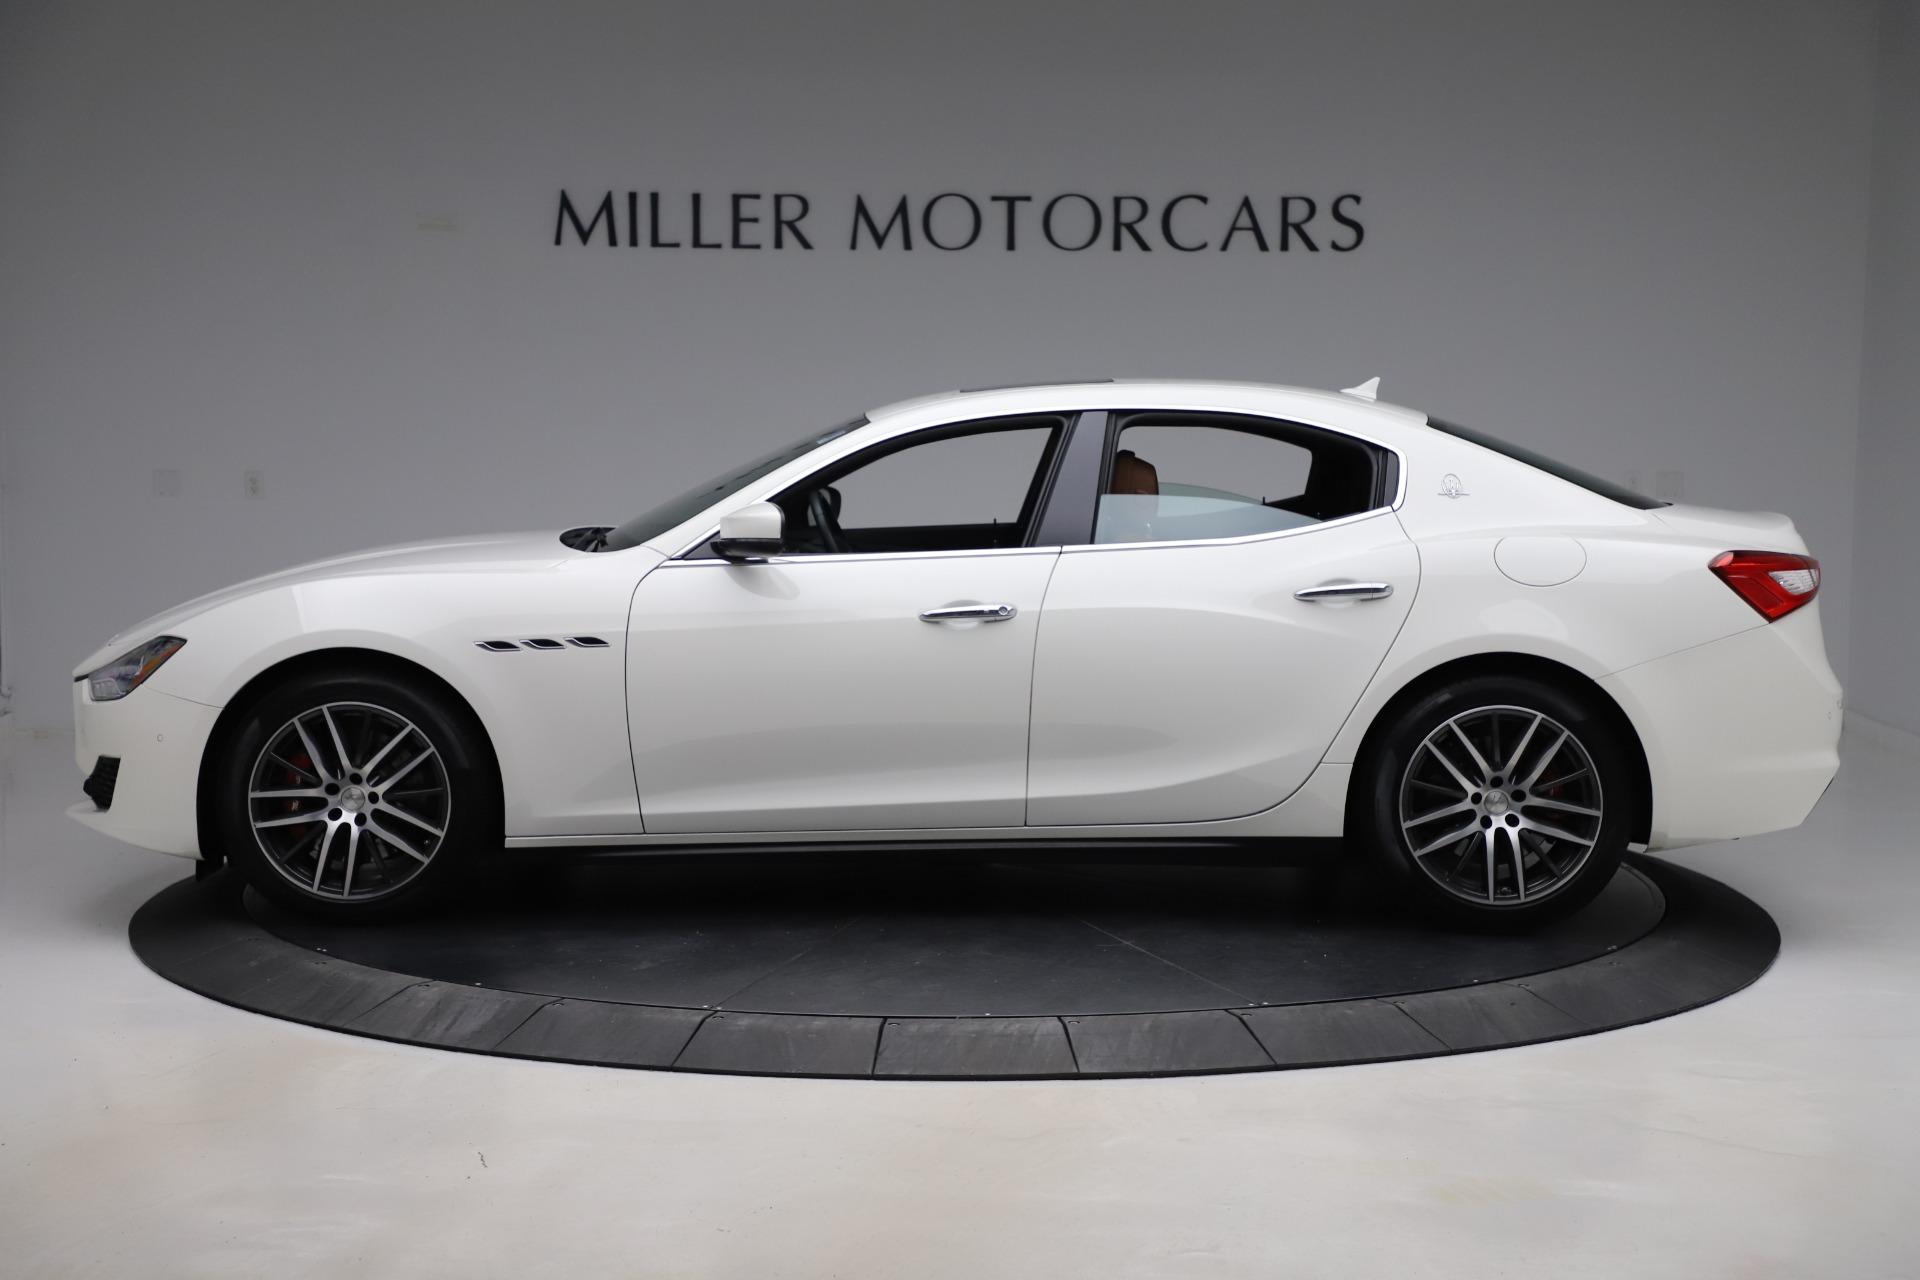 New 2019 Maserati Ghibli S Q4 For Sale In Greenwich, CT 2879_p3